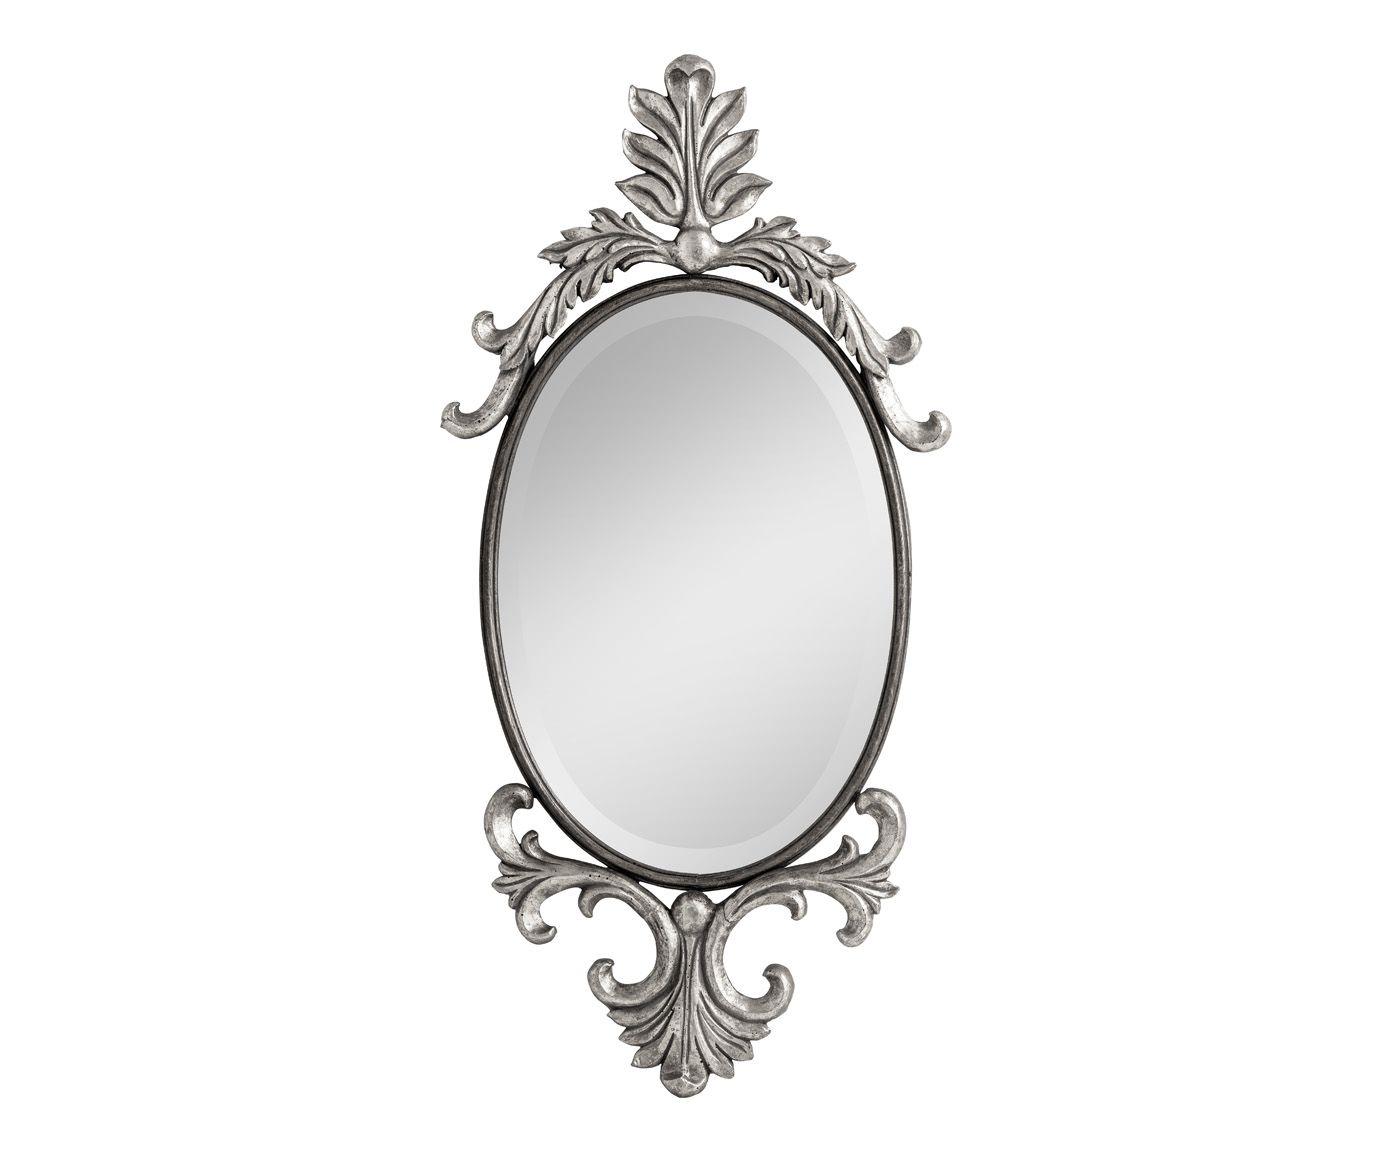 Miroir métal et verre, argenté